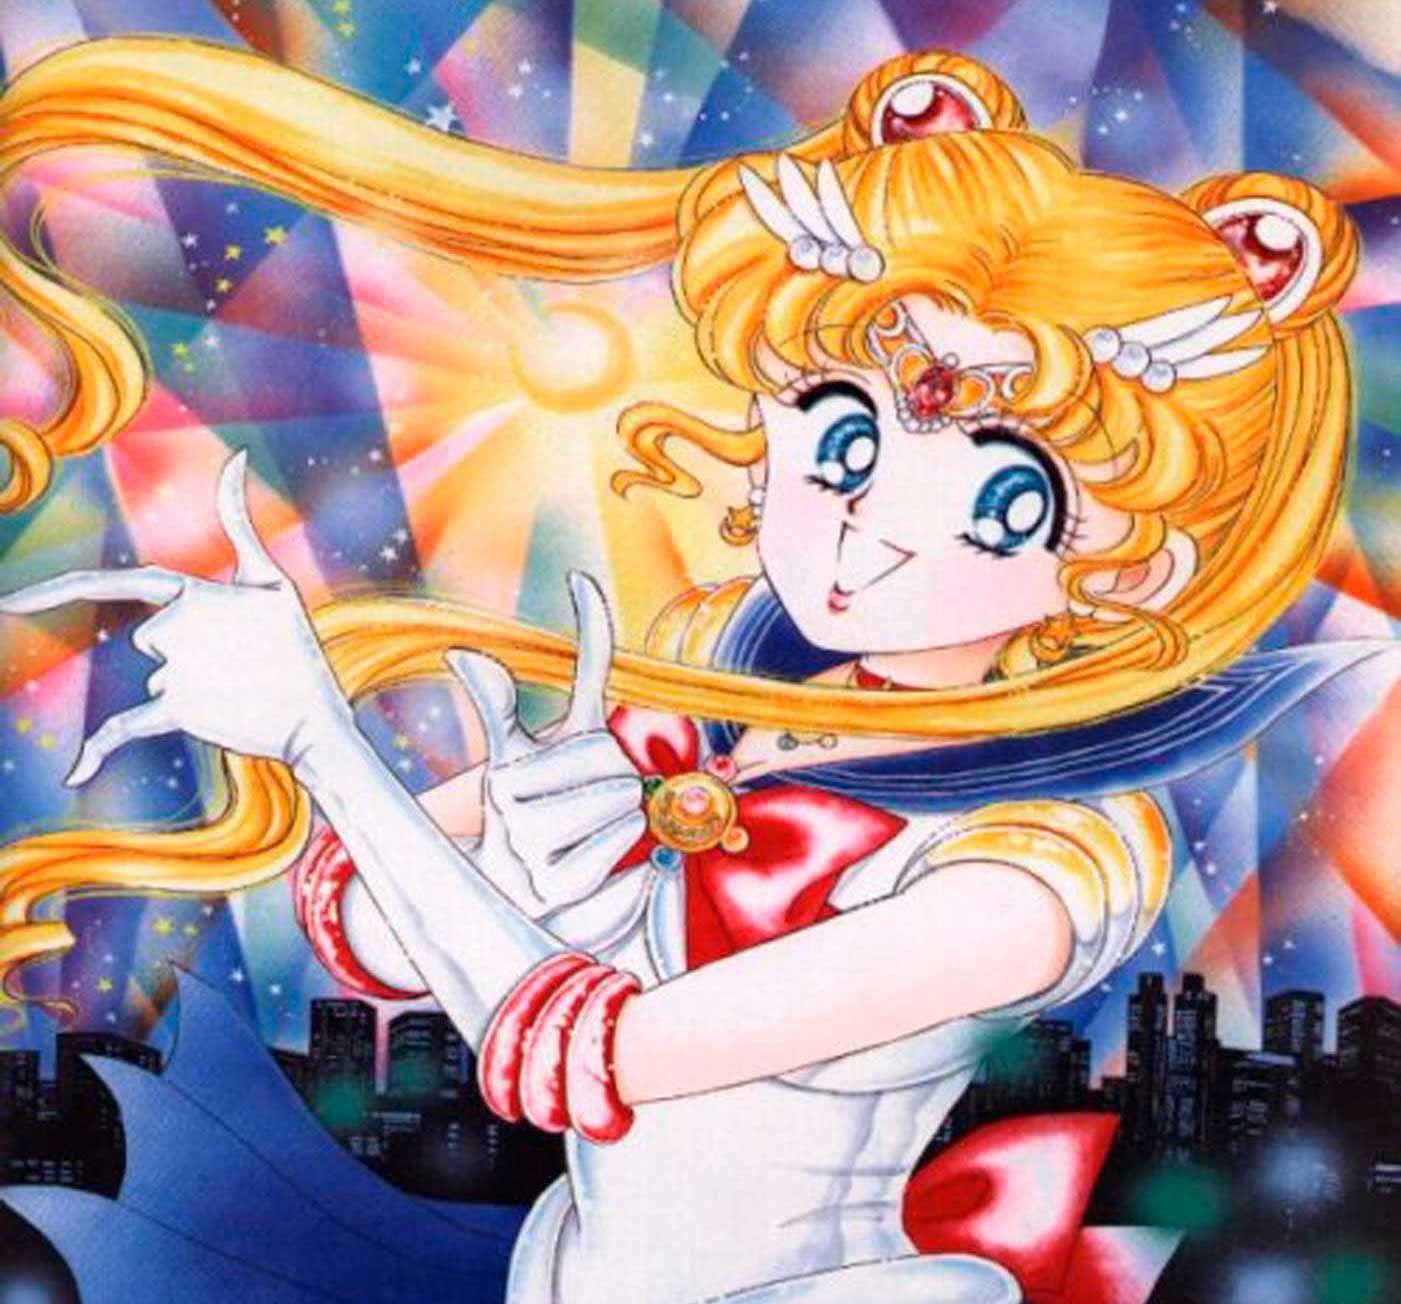 Un tweet revela detalles sobre la próxima película de 'Sailor Moon' y los fans enloquecen